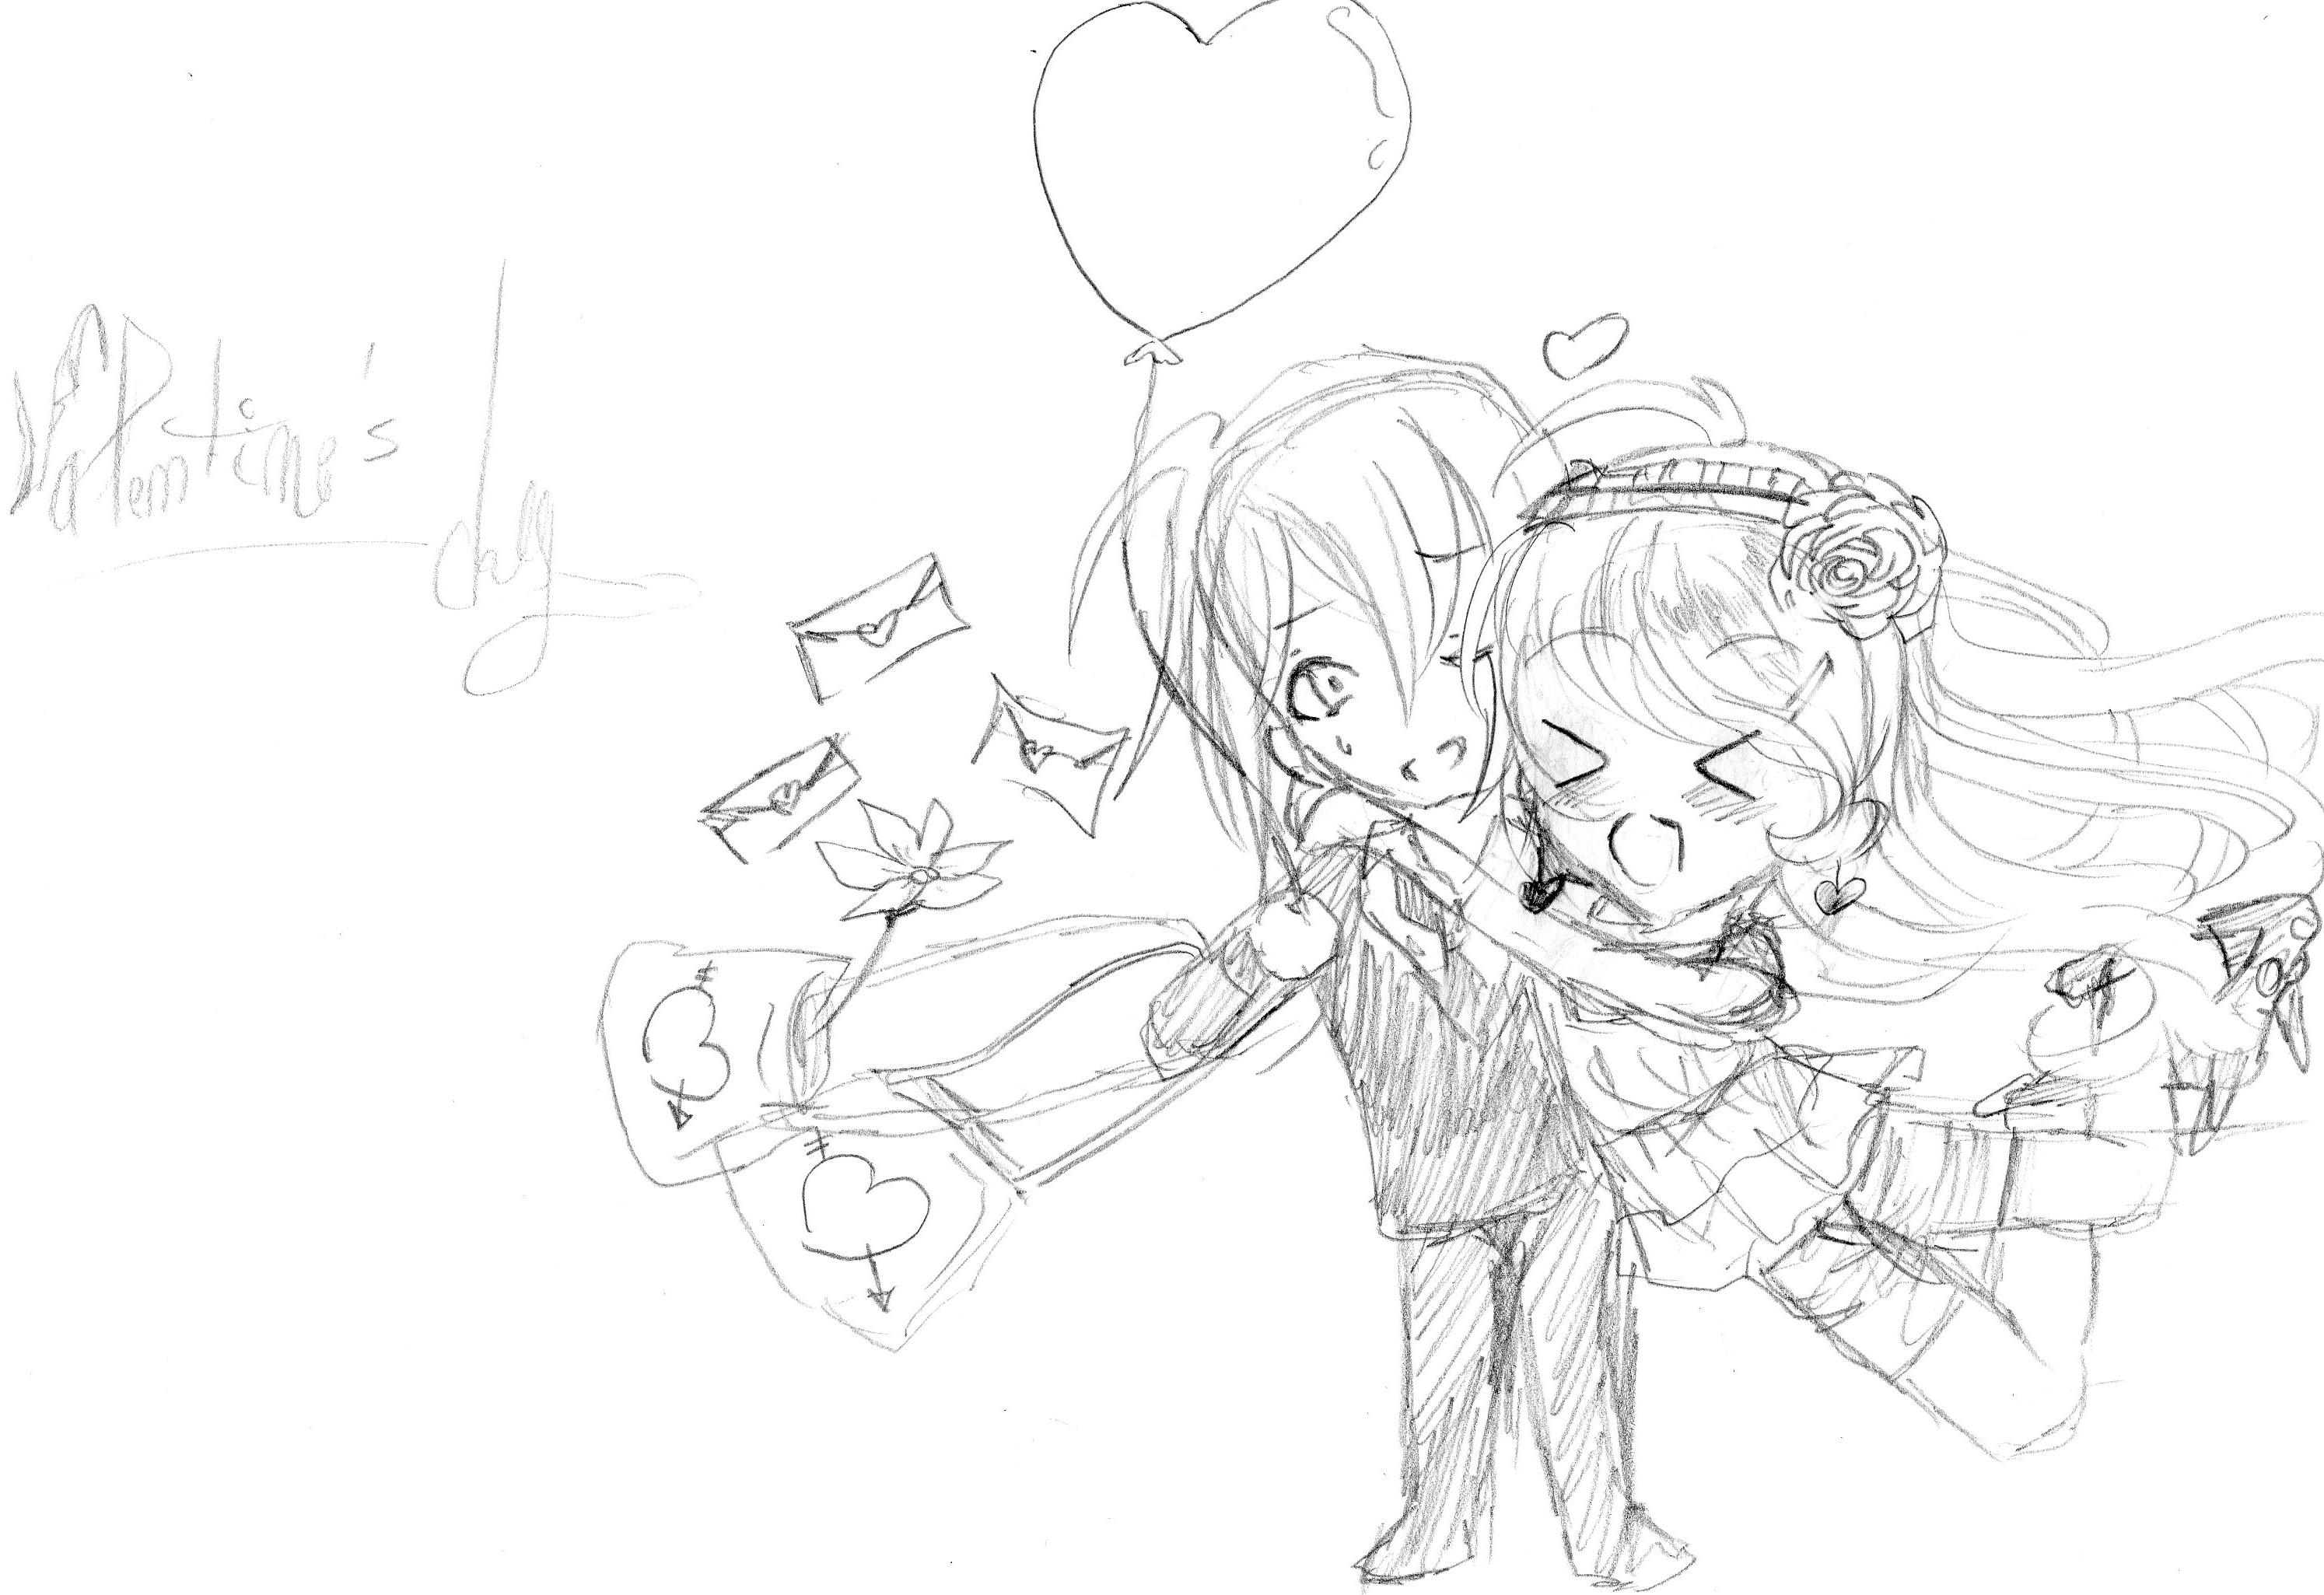 2988x2051 Gallery Happy Valentine Day Pencil Sketch,